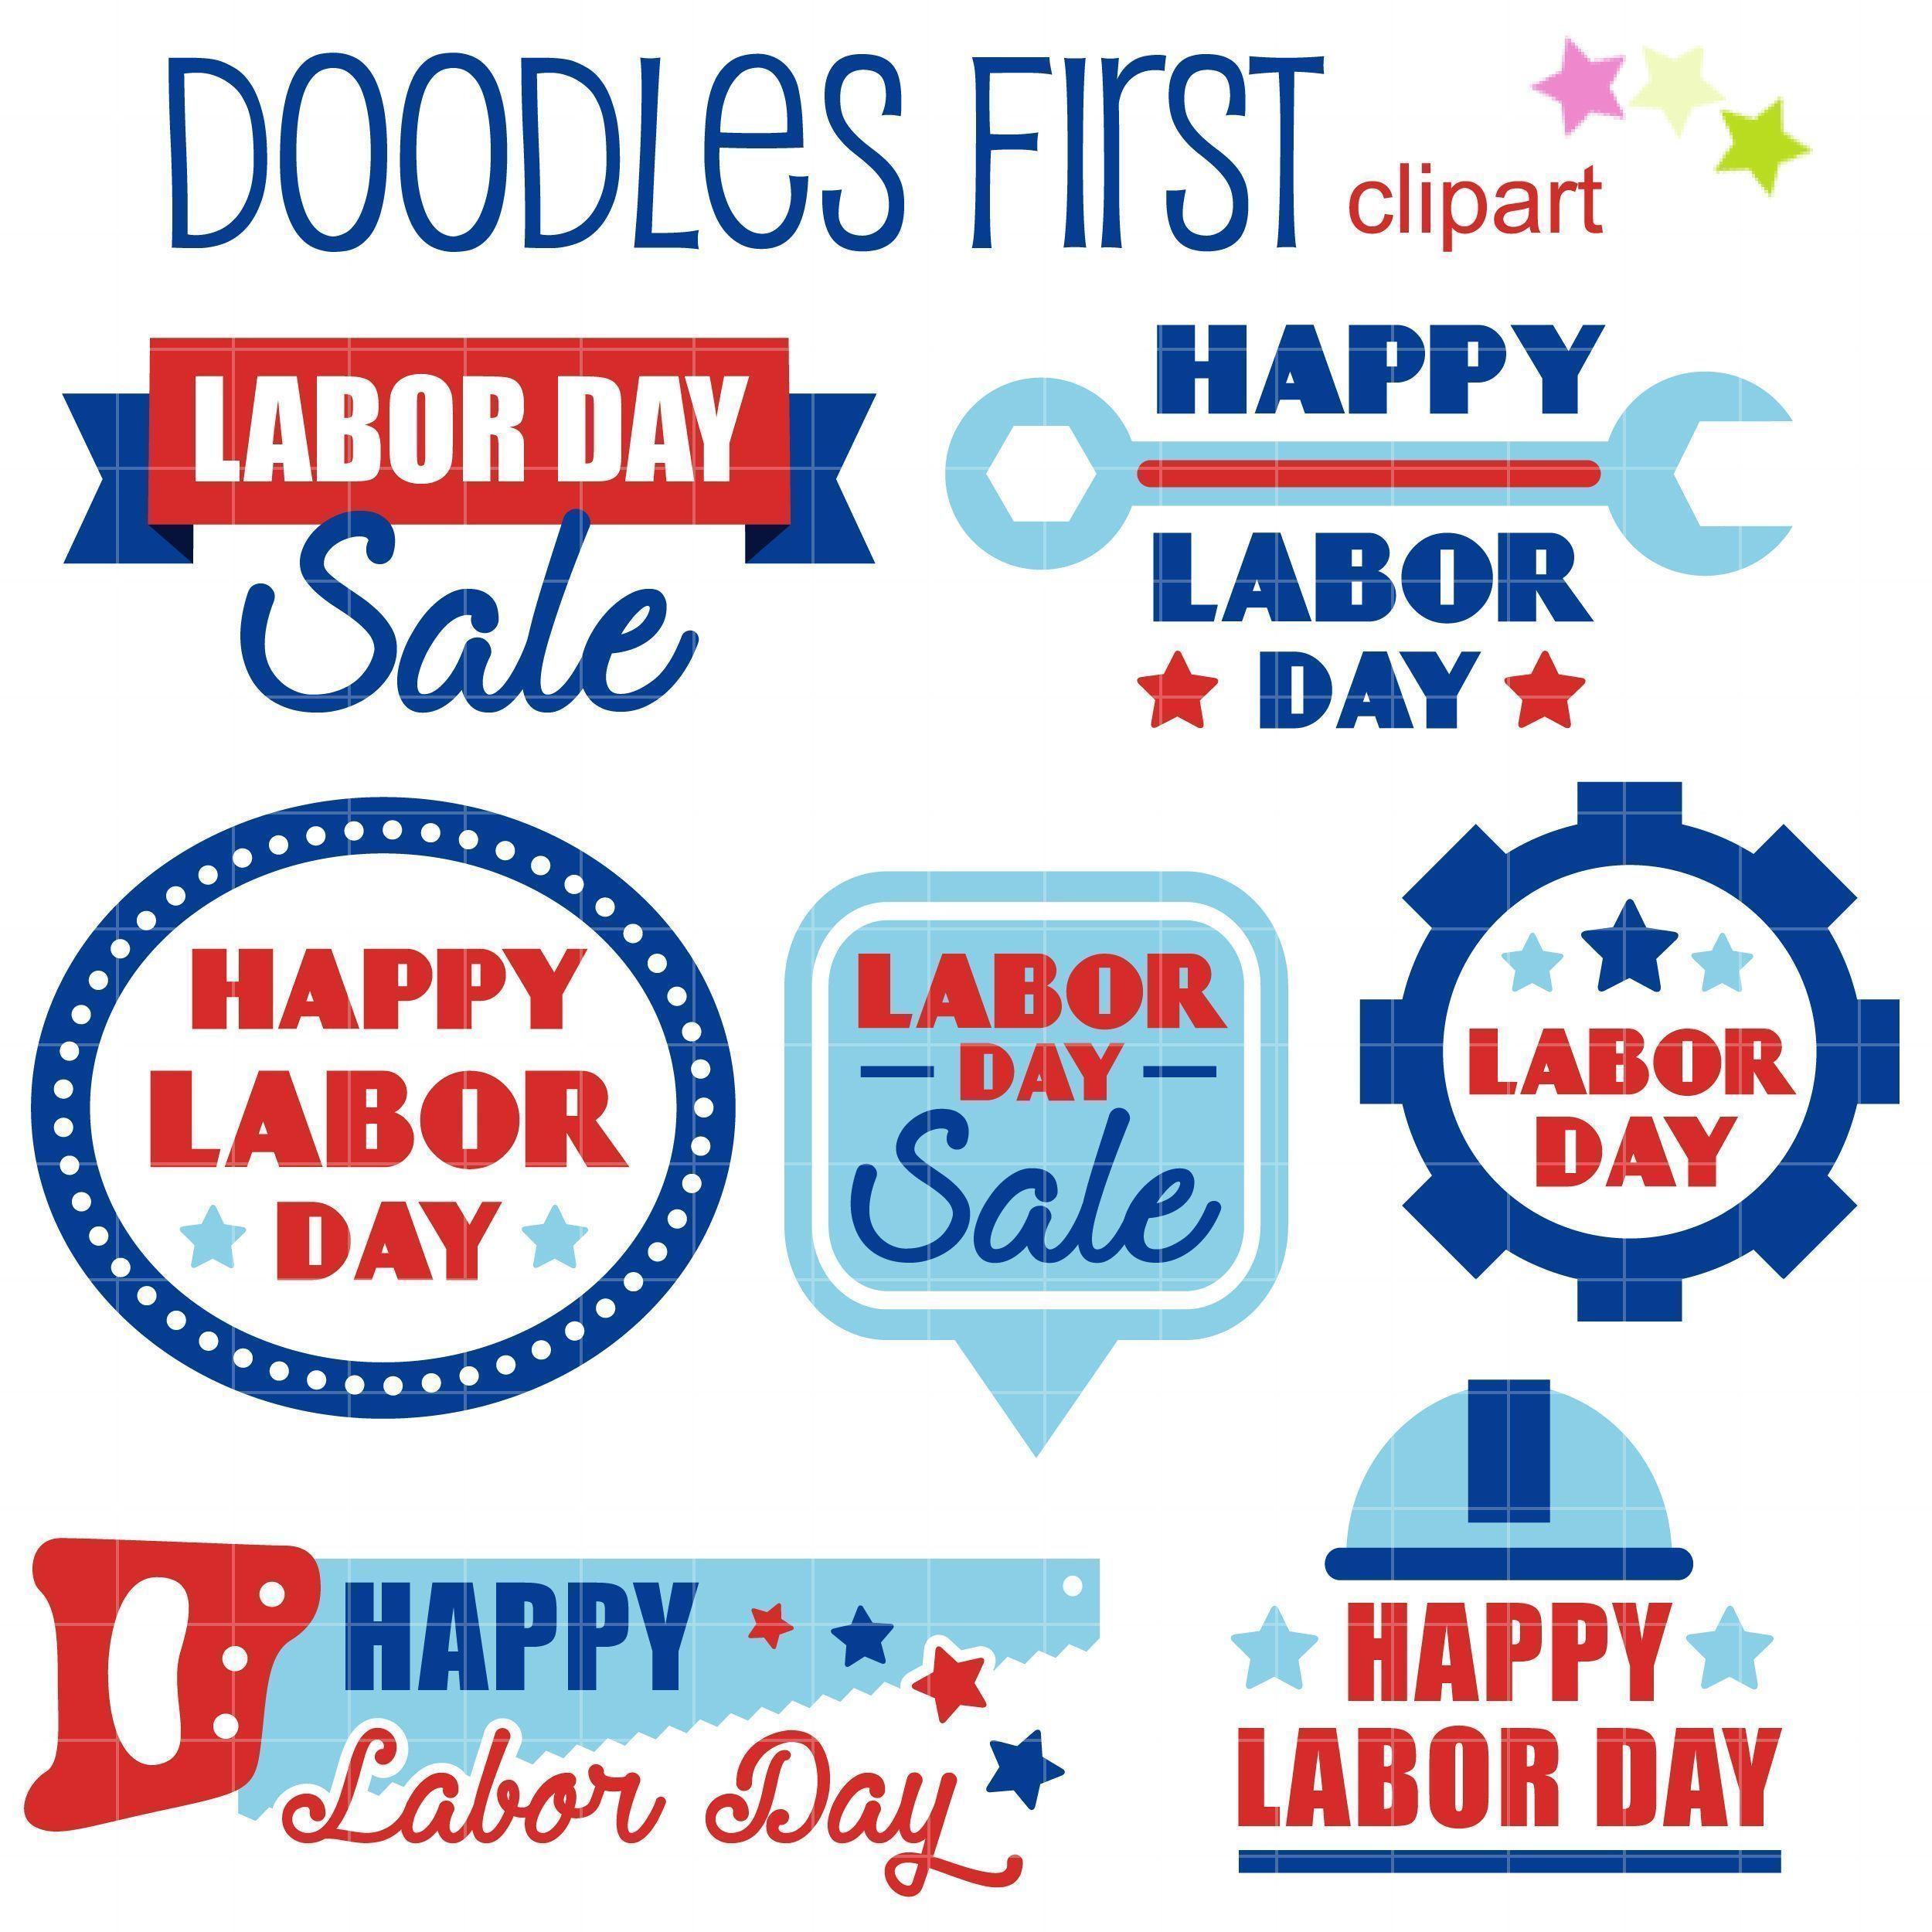 Happy Labor Day Clip Art Set Happylabordayimages Happy Labor Day Clip Art Set Daily Art Hub Free Clip Art Everyd Labor Day Clip Art Clip Art Free Clip Art